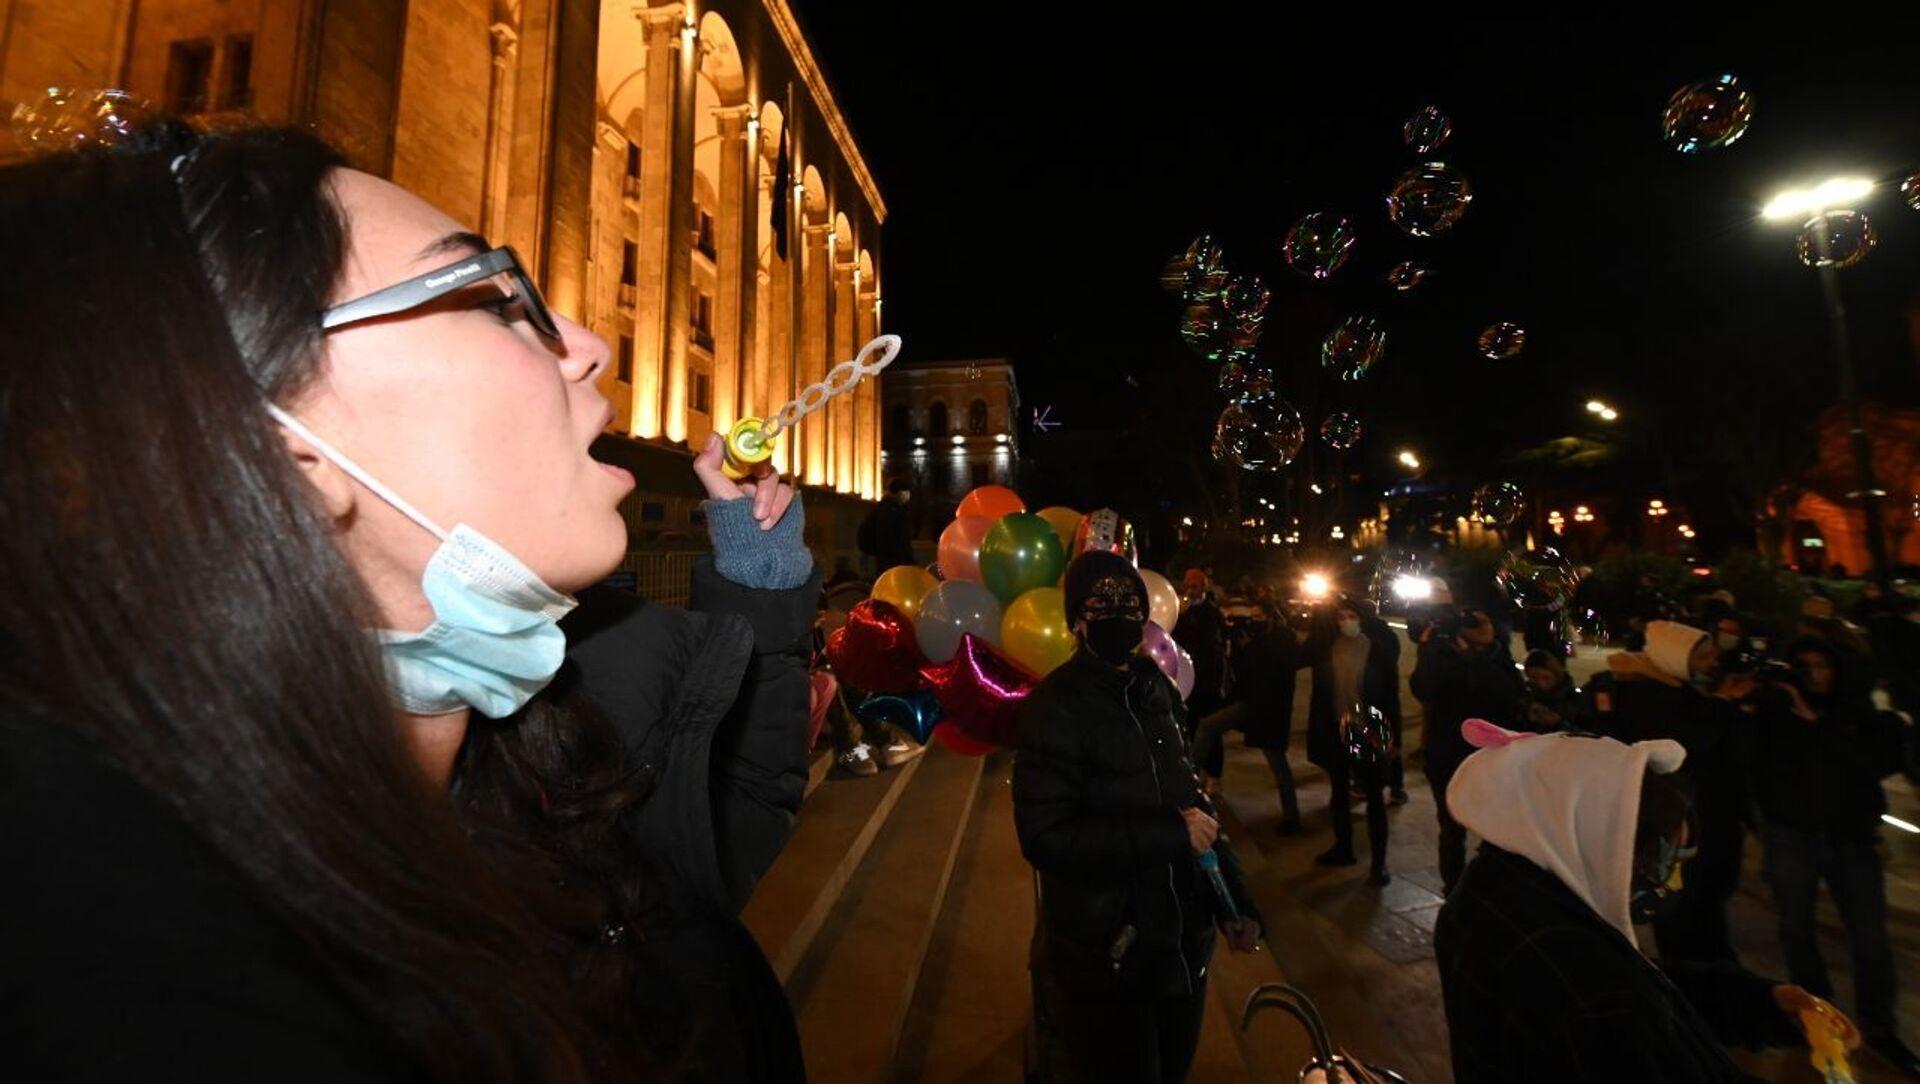 Акция протеста против ковид-ограничений у здания парламента Грузии 6 февраля 2021 года - Sputnik Грузия, 1920, 12.02.2021